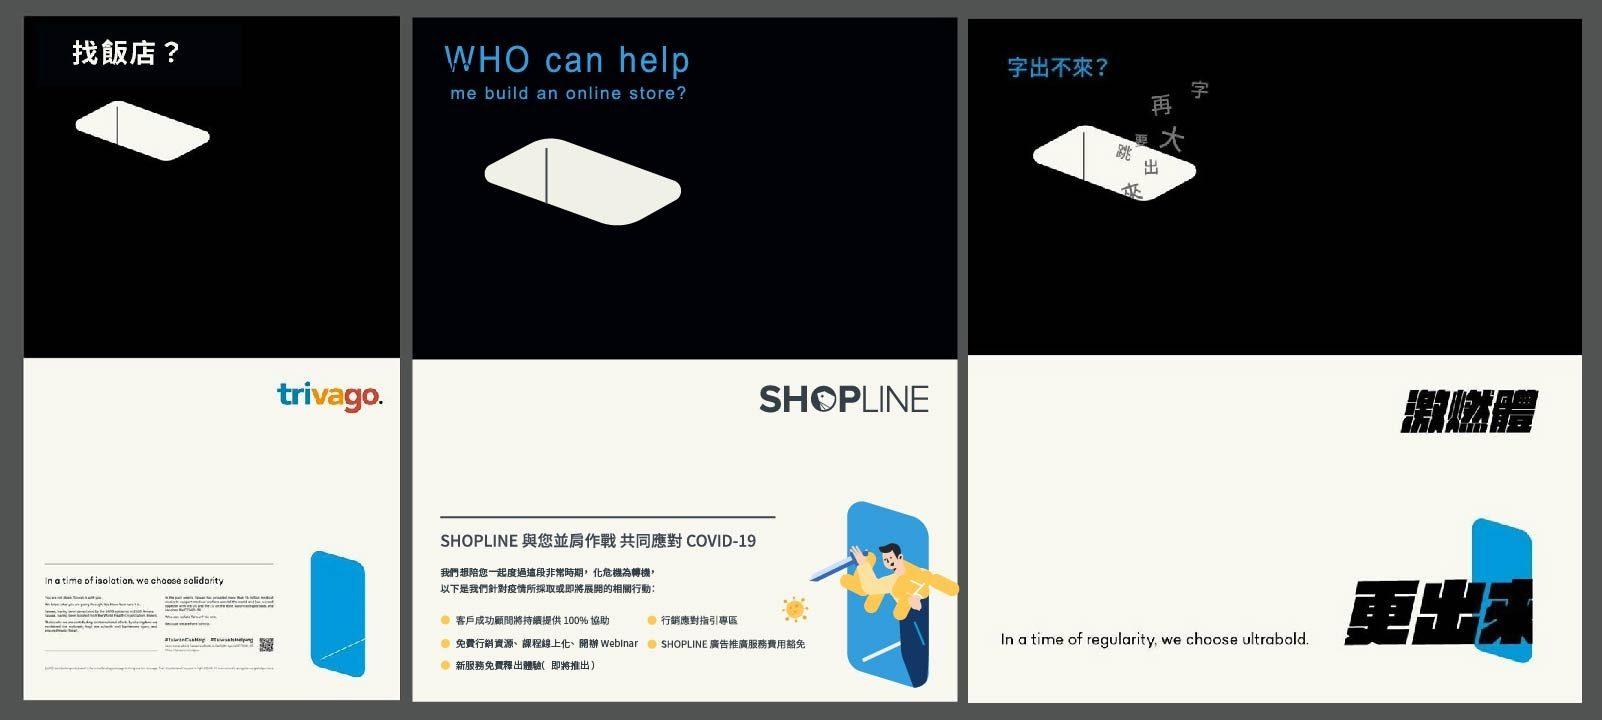 去年 WHO can help 話題也引起各品牌響應借勢(圖左取自 trivago,圖右取自激燃體)